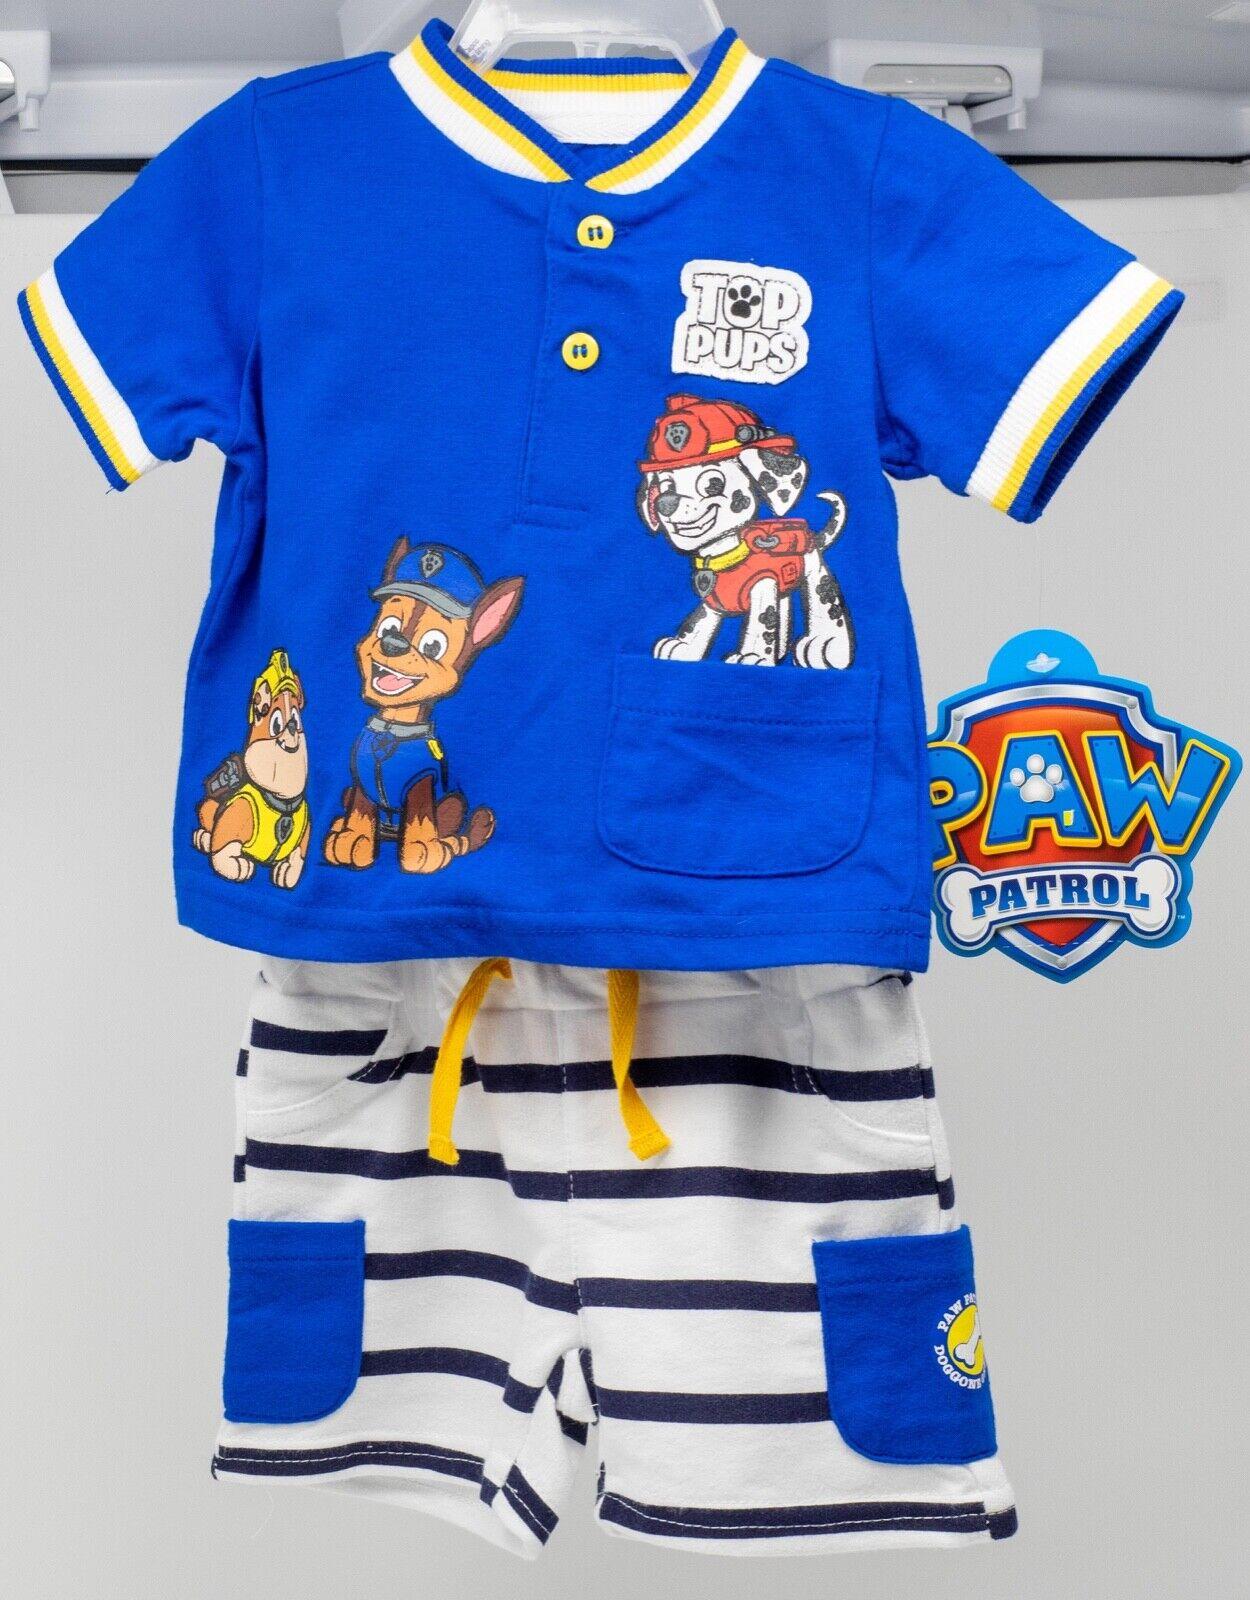 Paw Patrol Baby Boy Outfit NWT Disney Shorts Shirt Blue NB 6